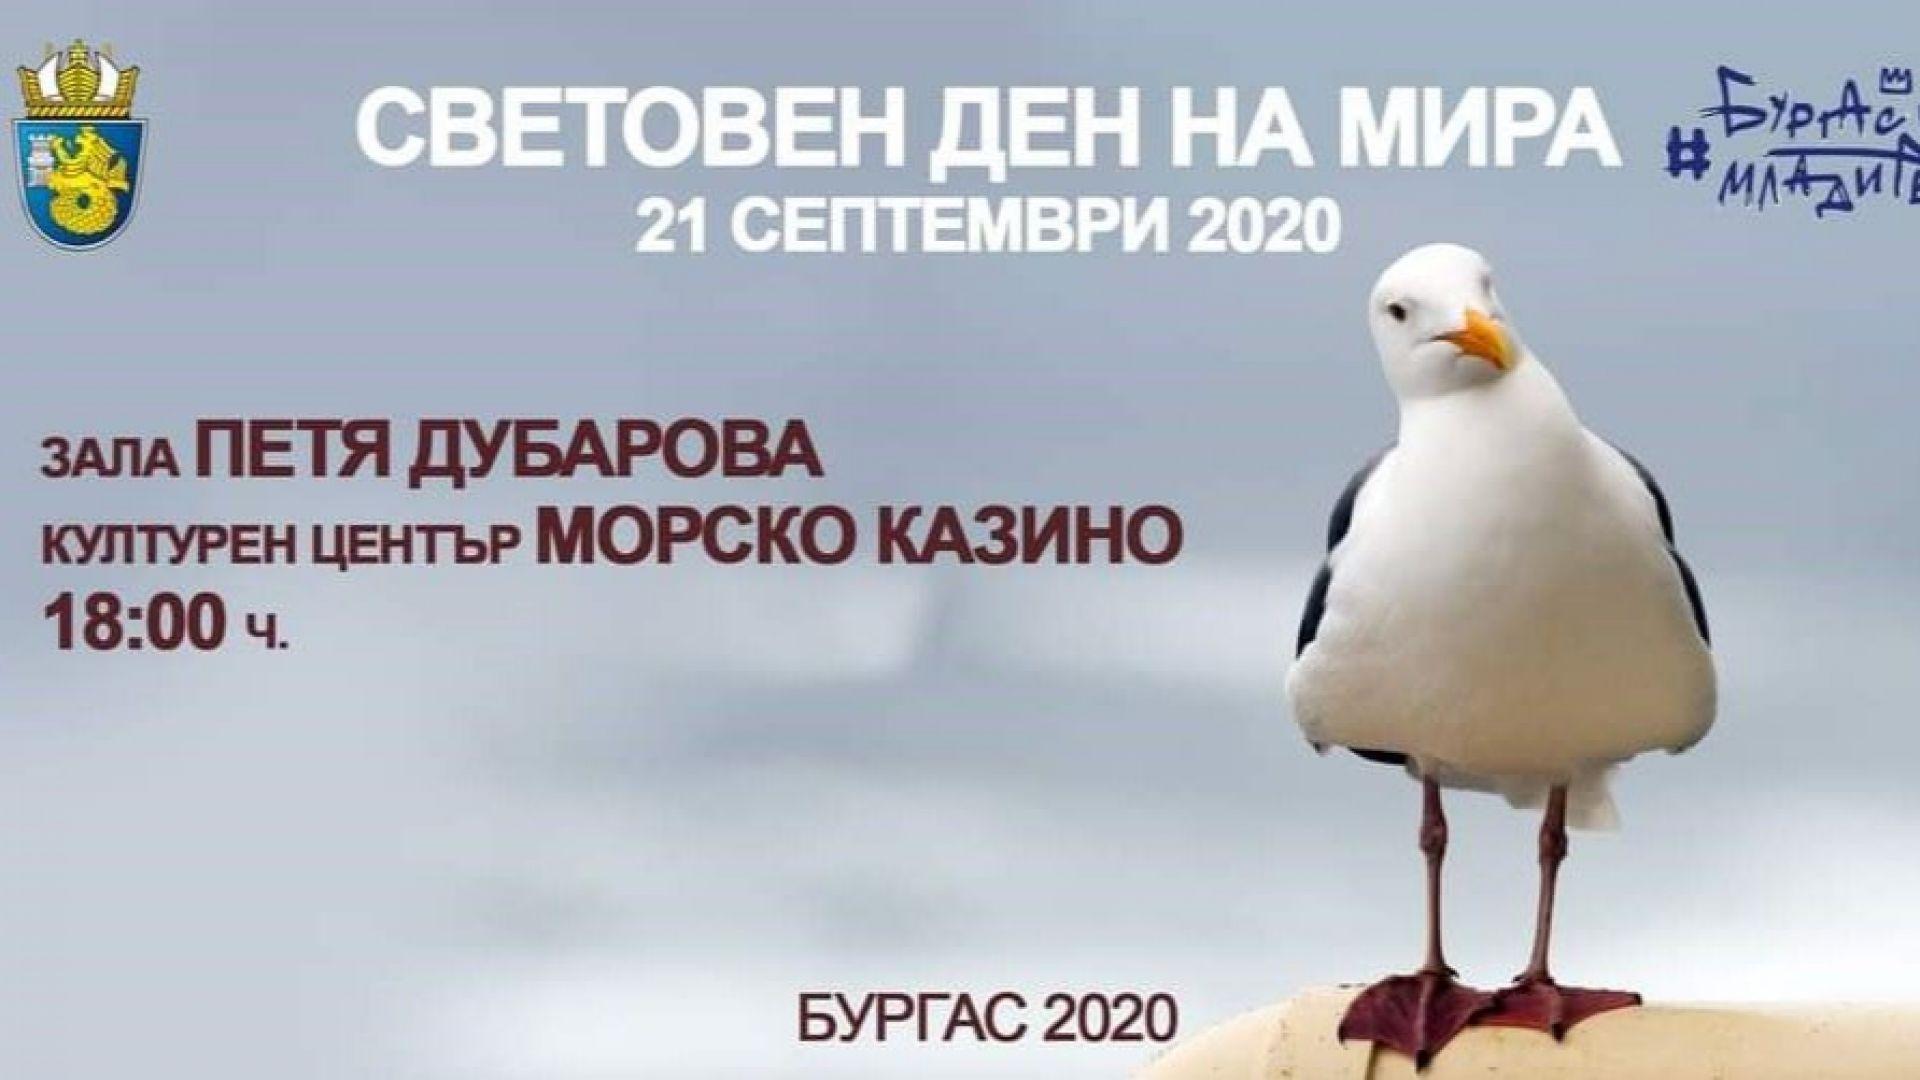 Бургас чества световния ден на мира със семинар по медитация